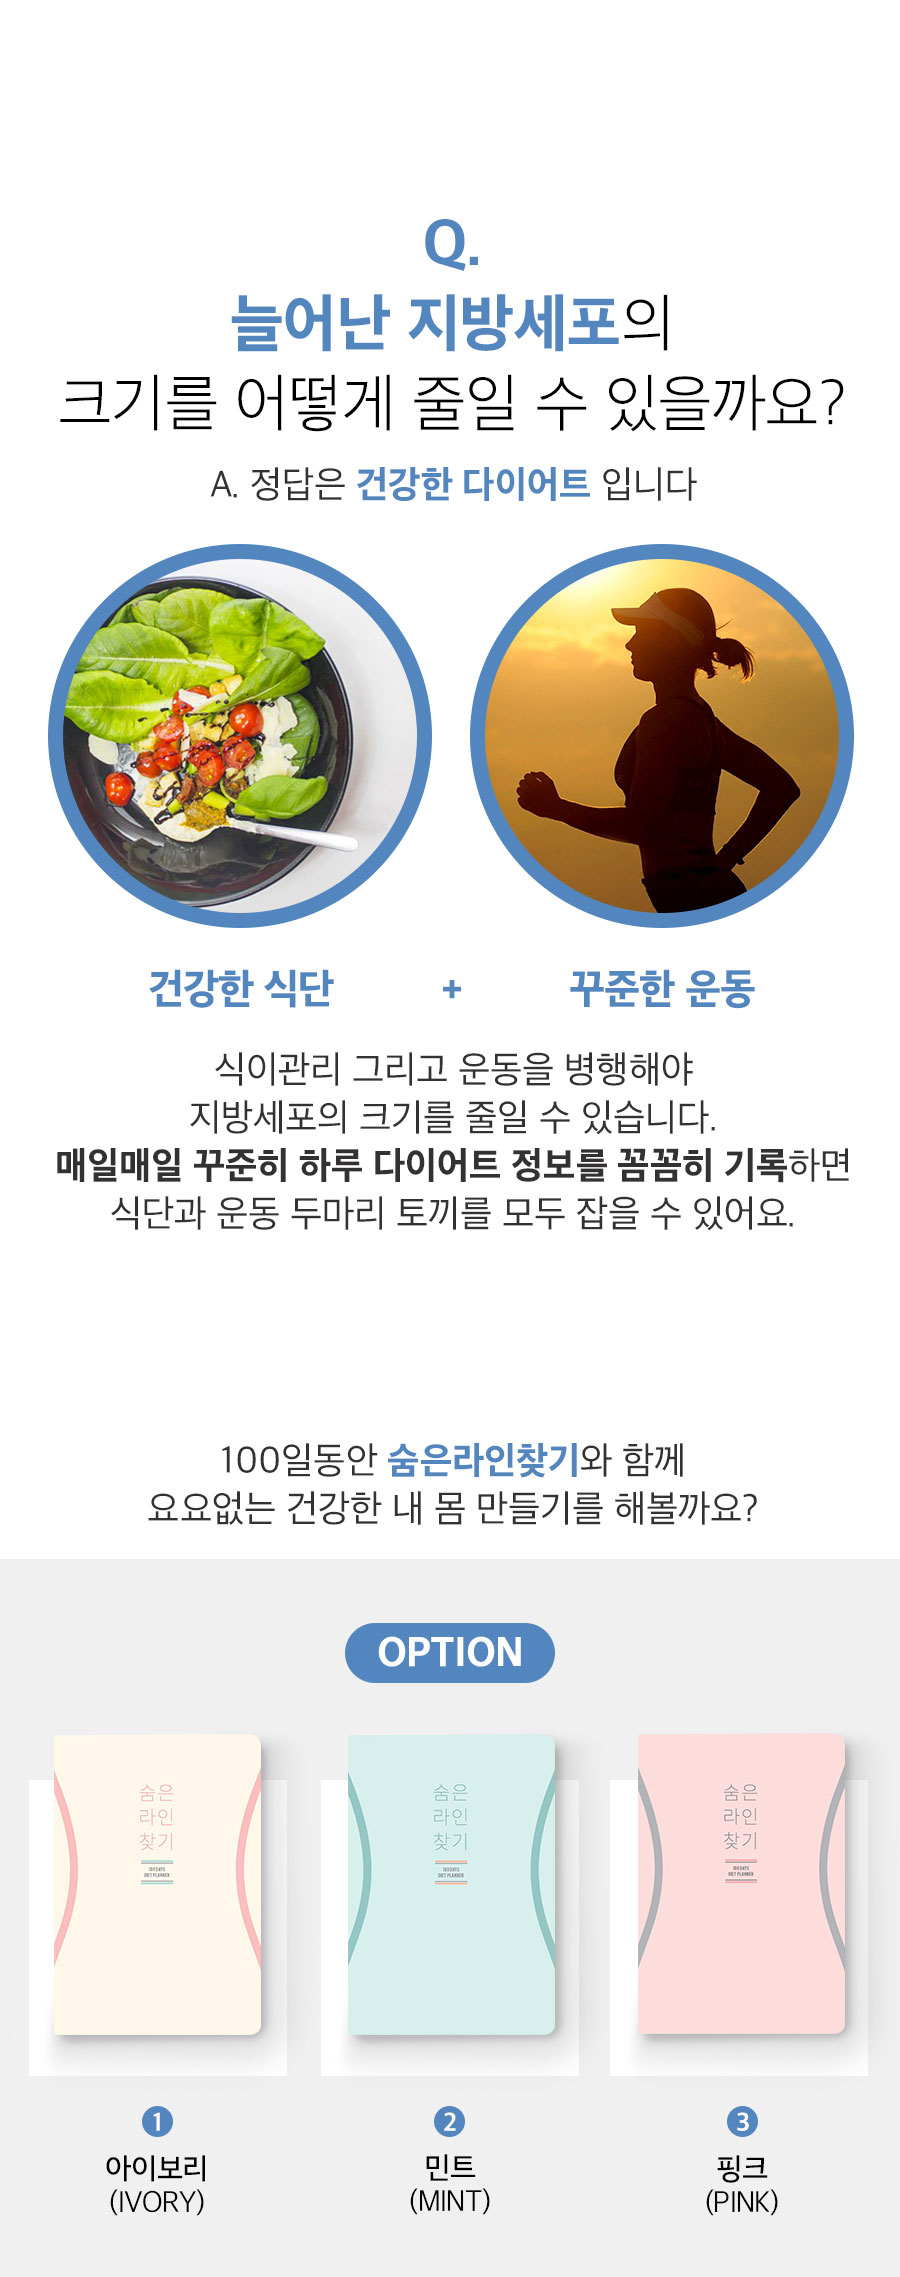 [다이어트플래너]숨은라인찾기7,500원-리훈디자인문구, 플래너/스케줄러, 플래너, 다이어트플래너바보사랑[다이어트플래너]숨은라인찾기7,500원-리훈디자인문구, 플래너/스케줄러, 플래너, 다이어트플래너바보사랑